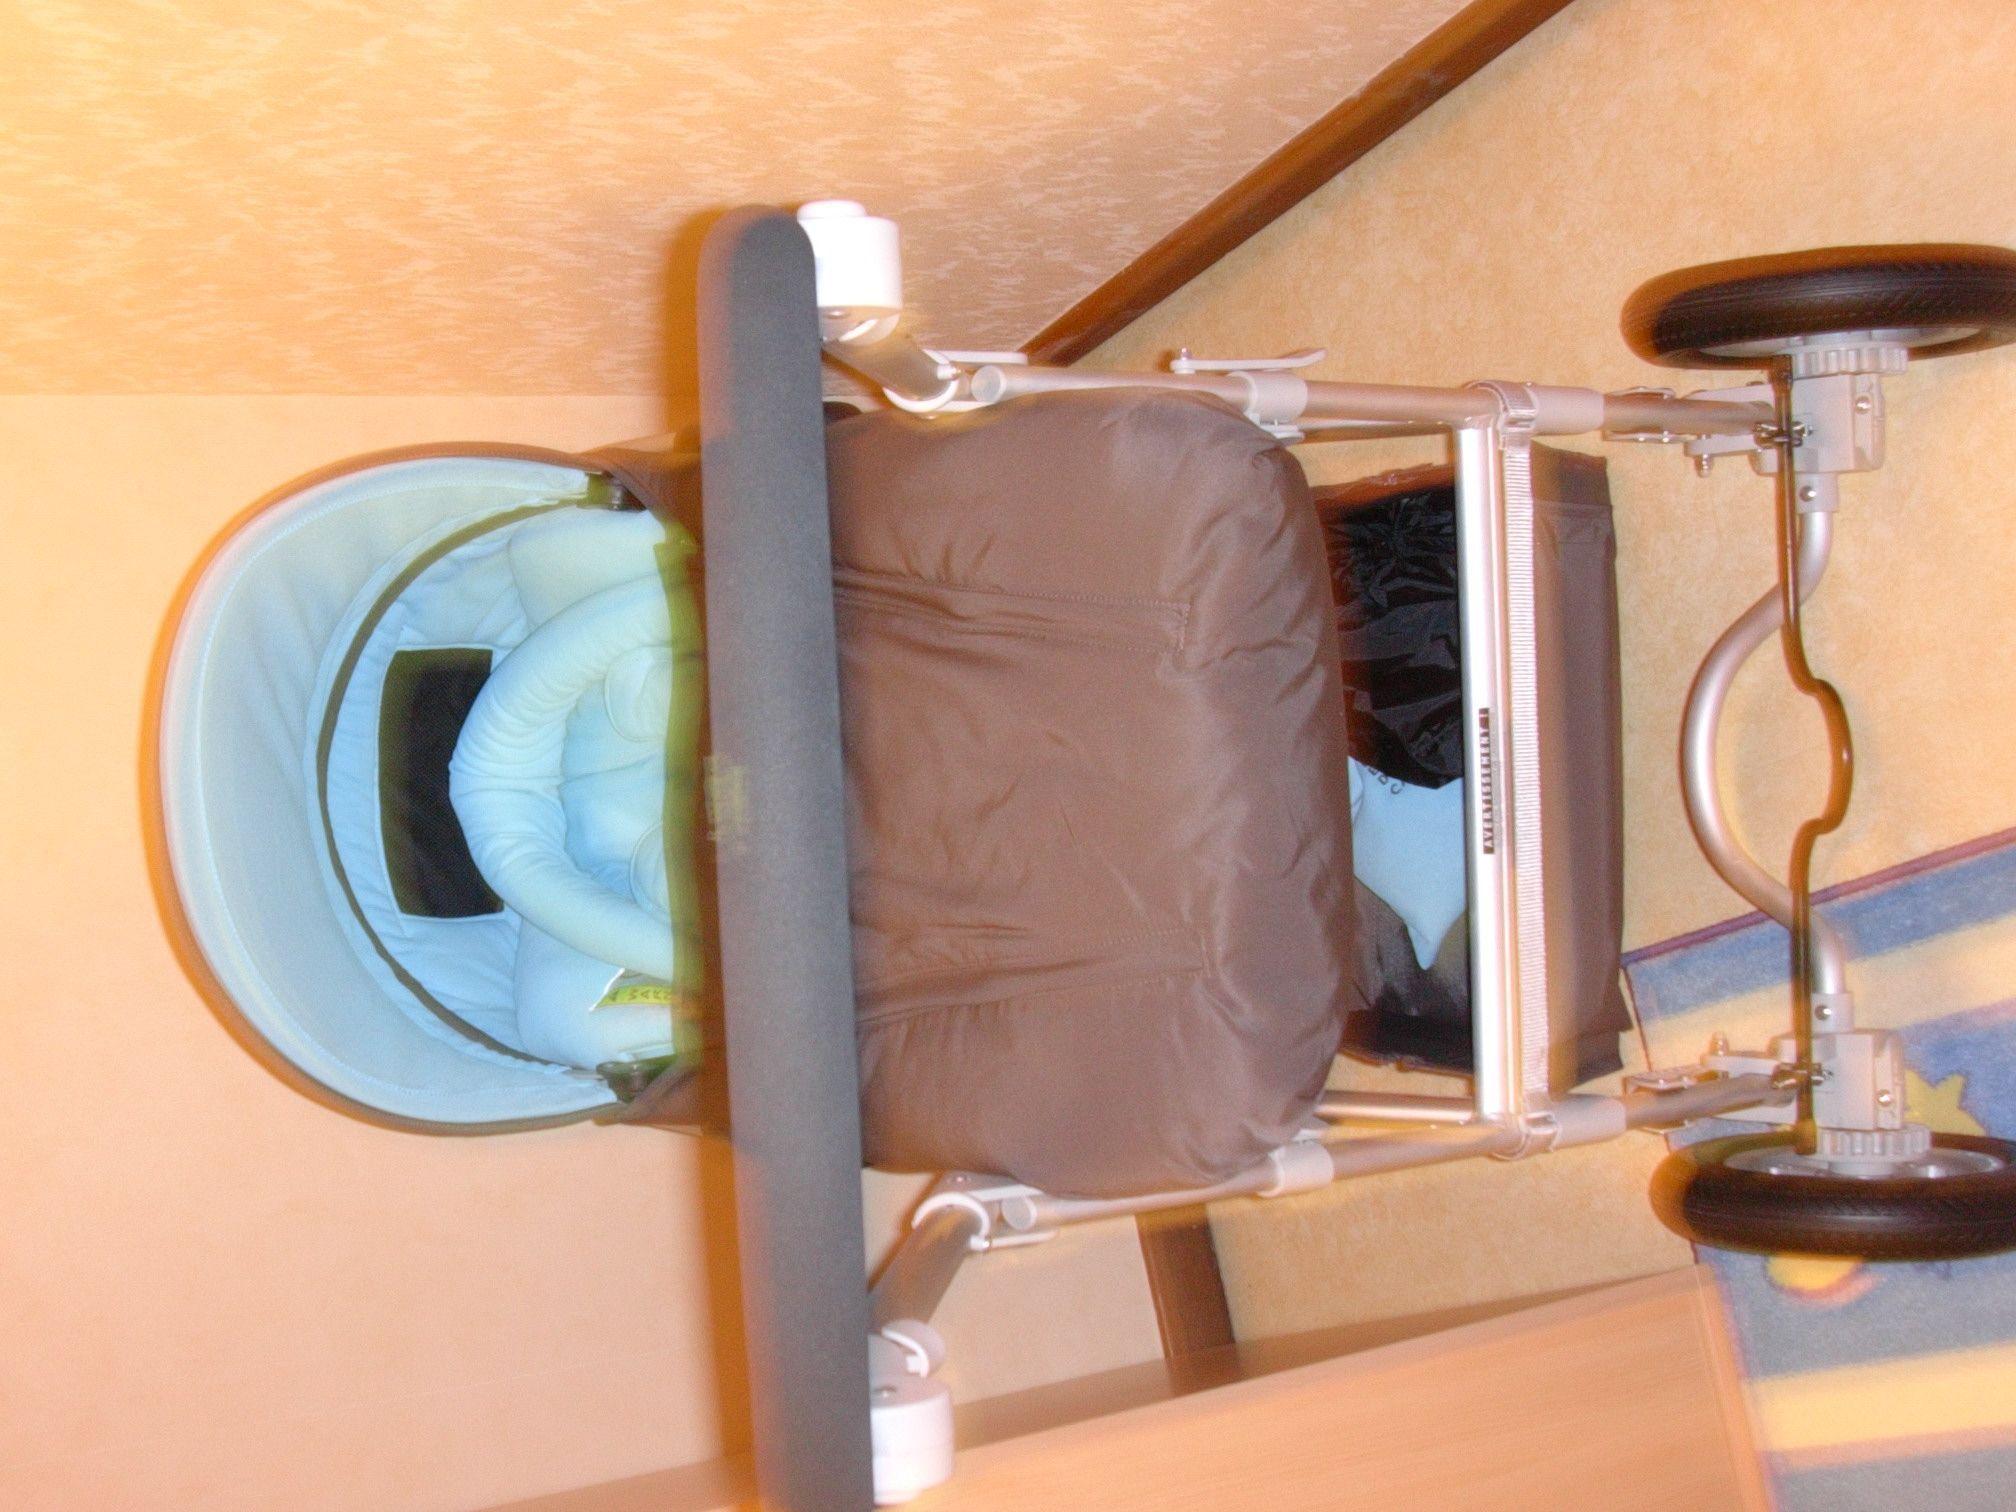 voiture turbo centerblog. Black Bedroom Furniture Sets. Home Design Ideas